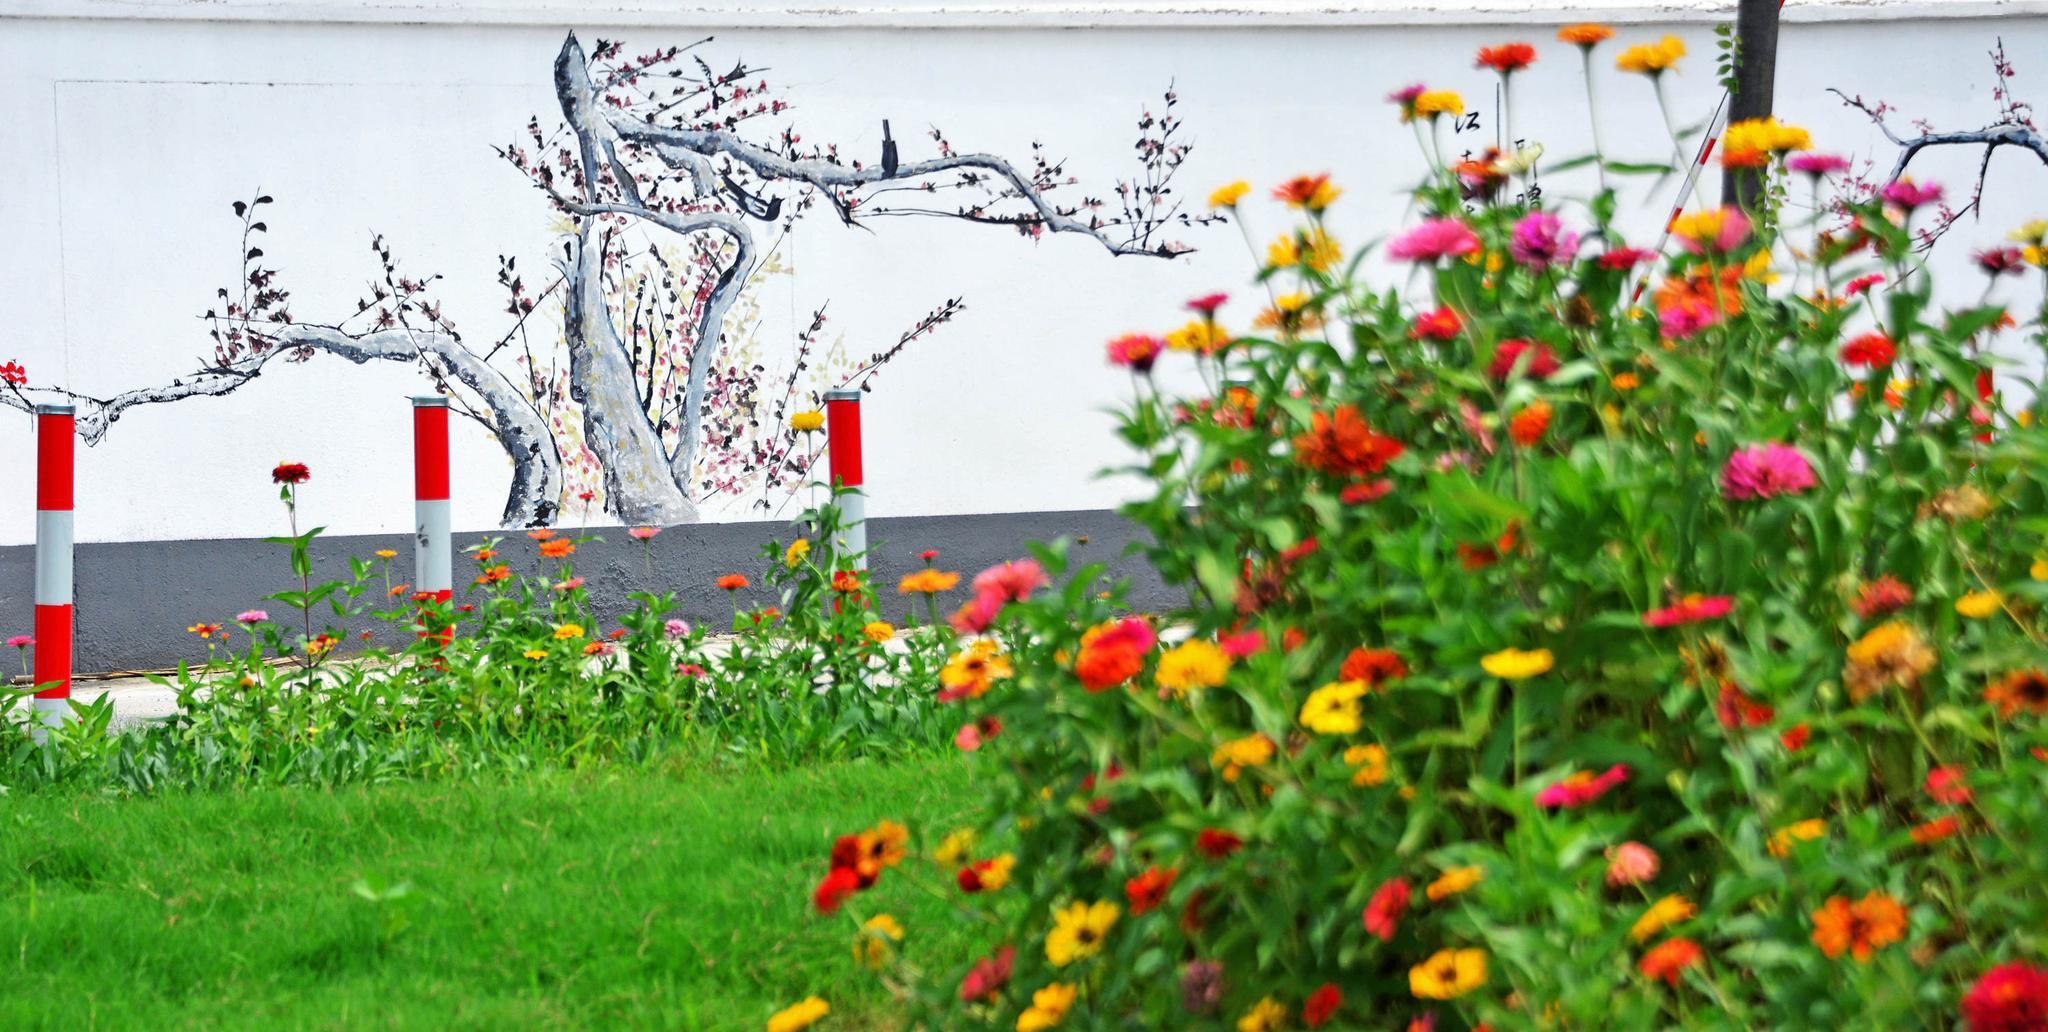 西贝村的价值有了很大的提高 这是江苏省无锡市锡山区金凤村的自然村